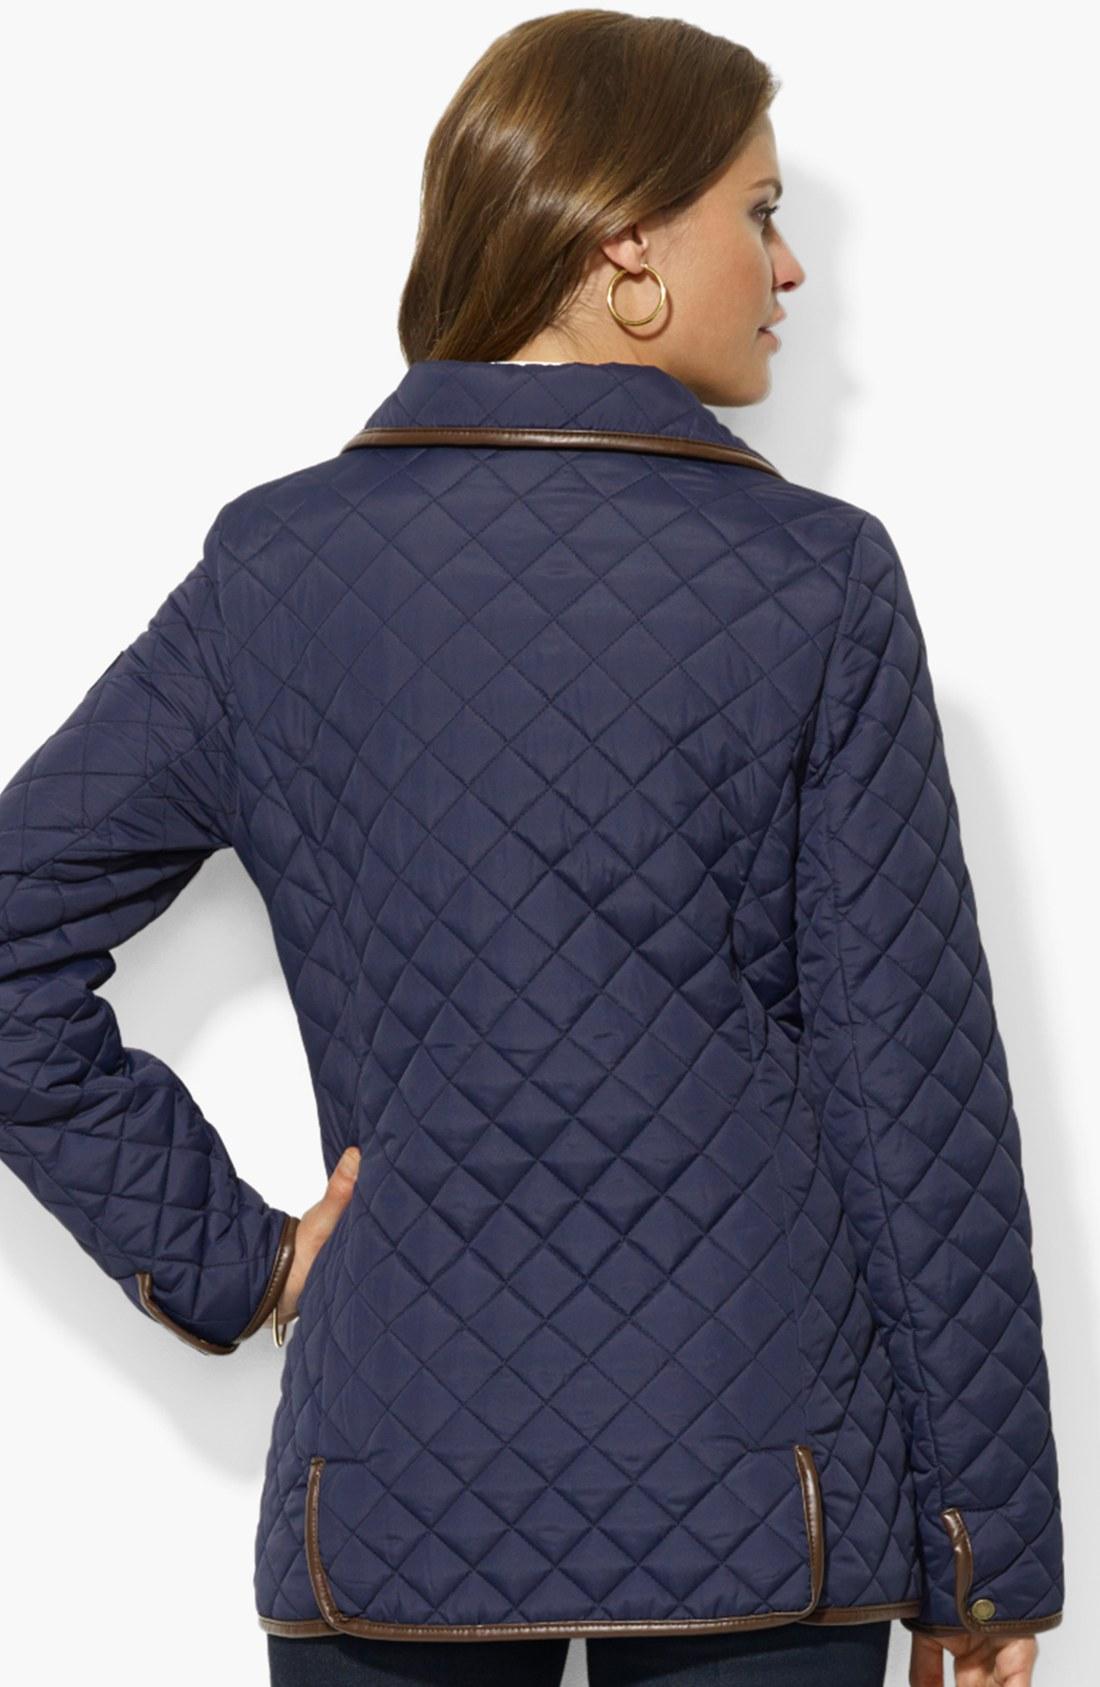 Faux Leather Varsity Jacket